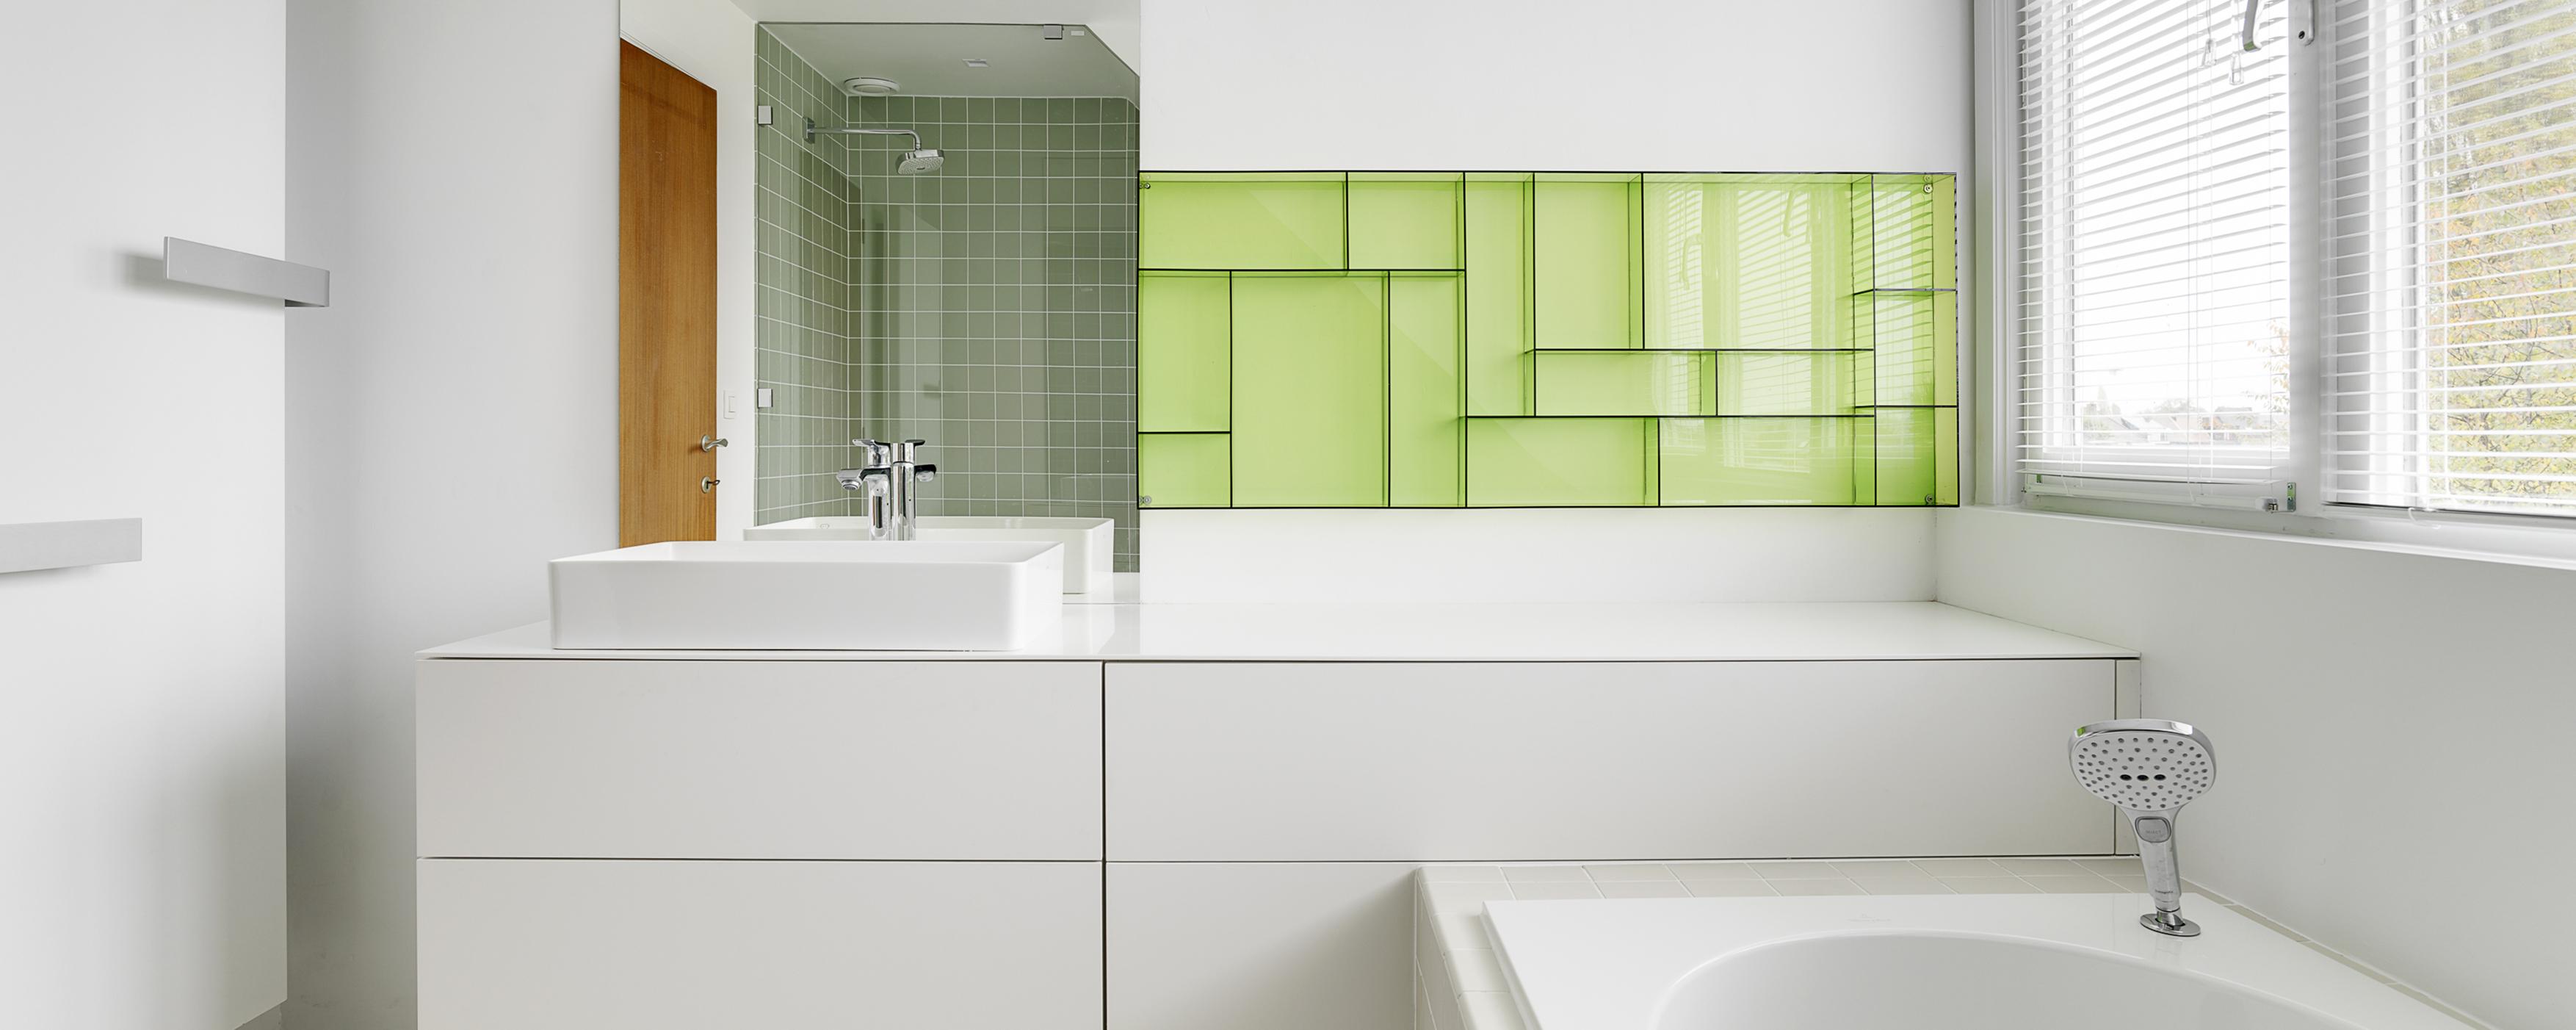 badkamer in het pand komen en biedt de oude badkamer ruimte nog altijd genoeg berging de klanten hadden een voorliefde voor groene tinten en kleine